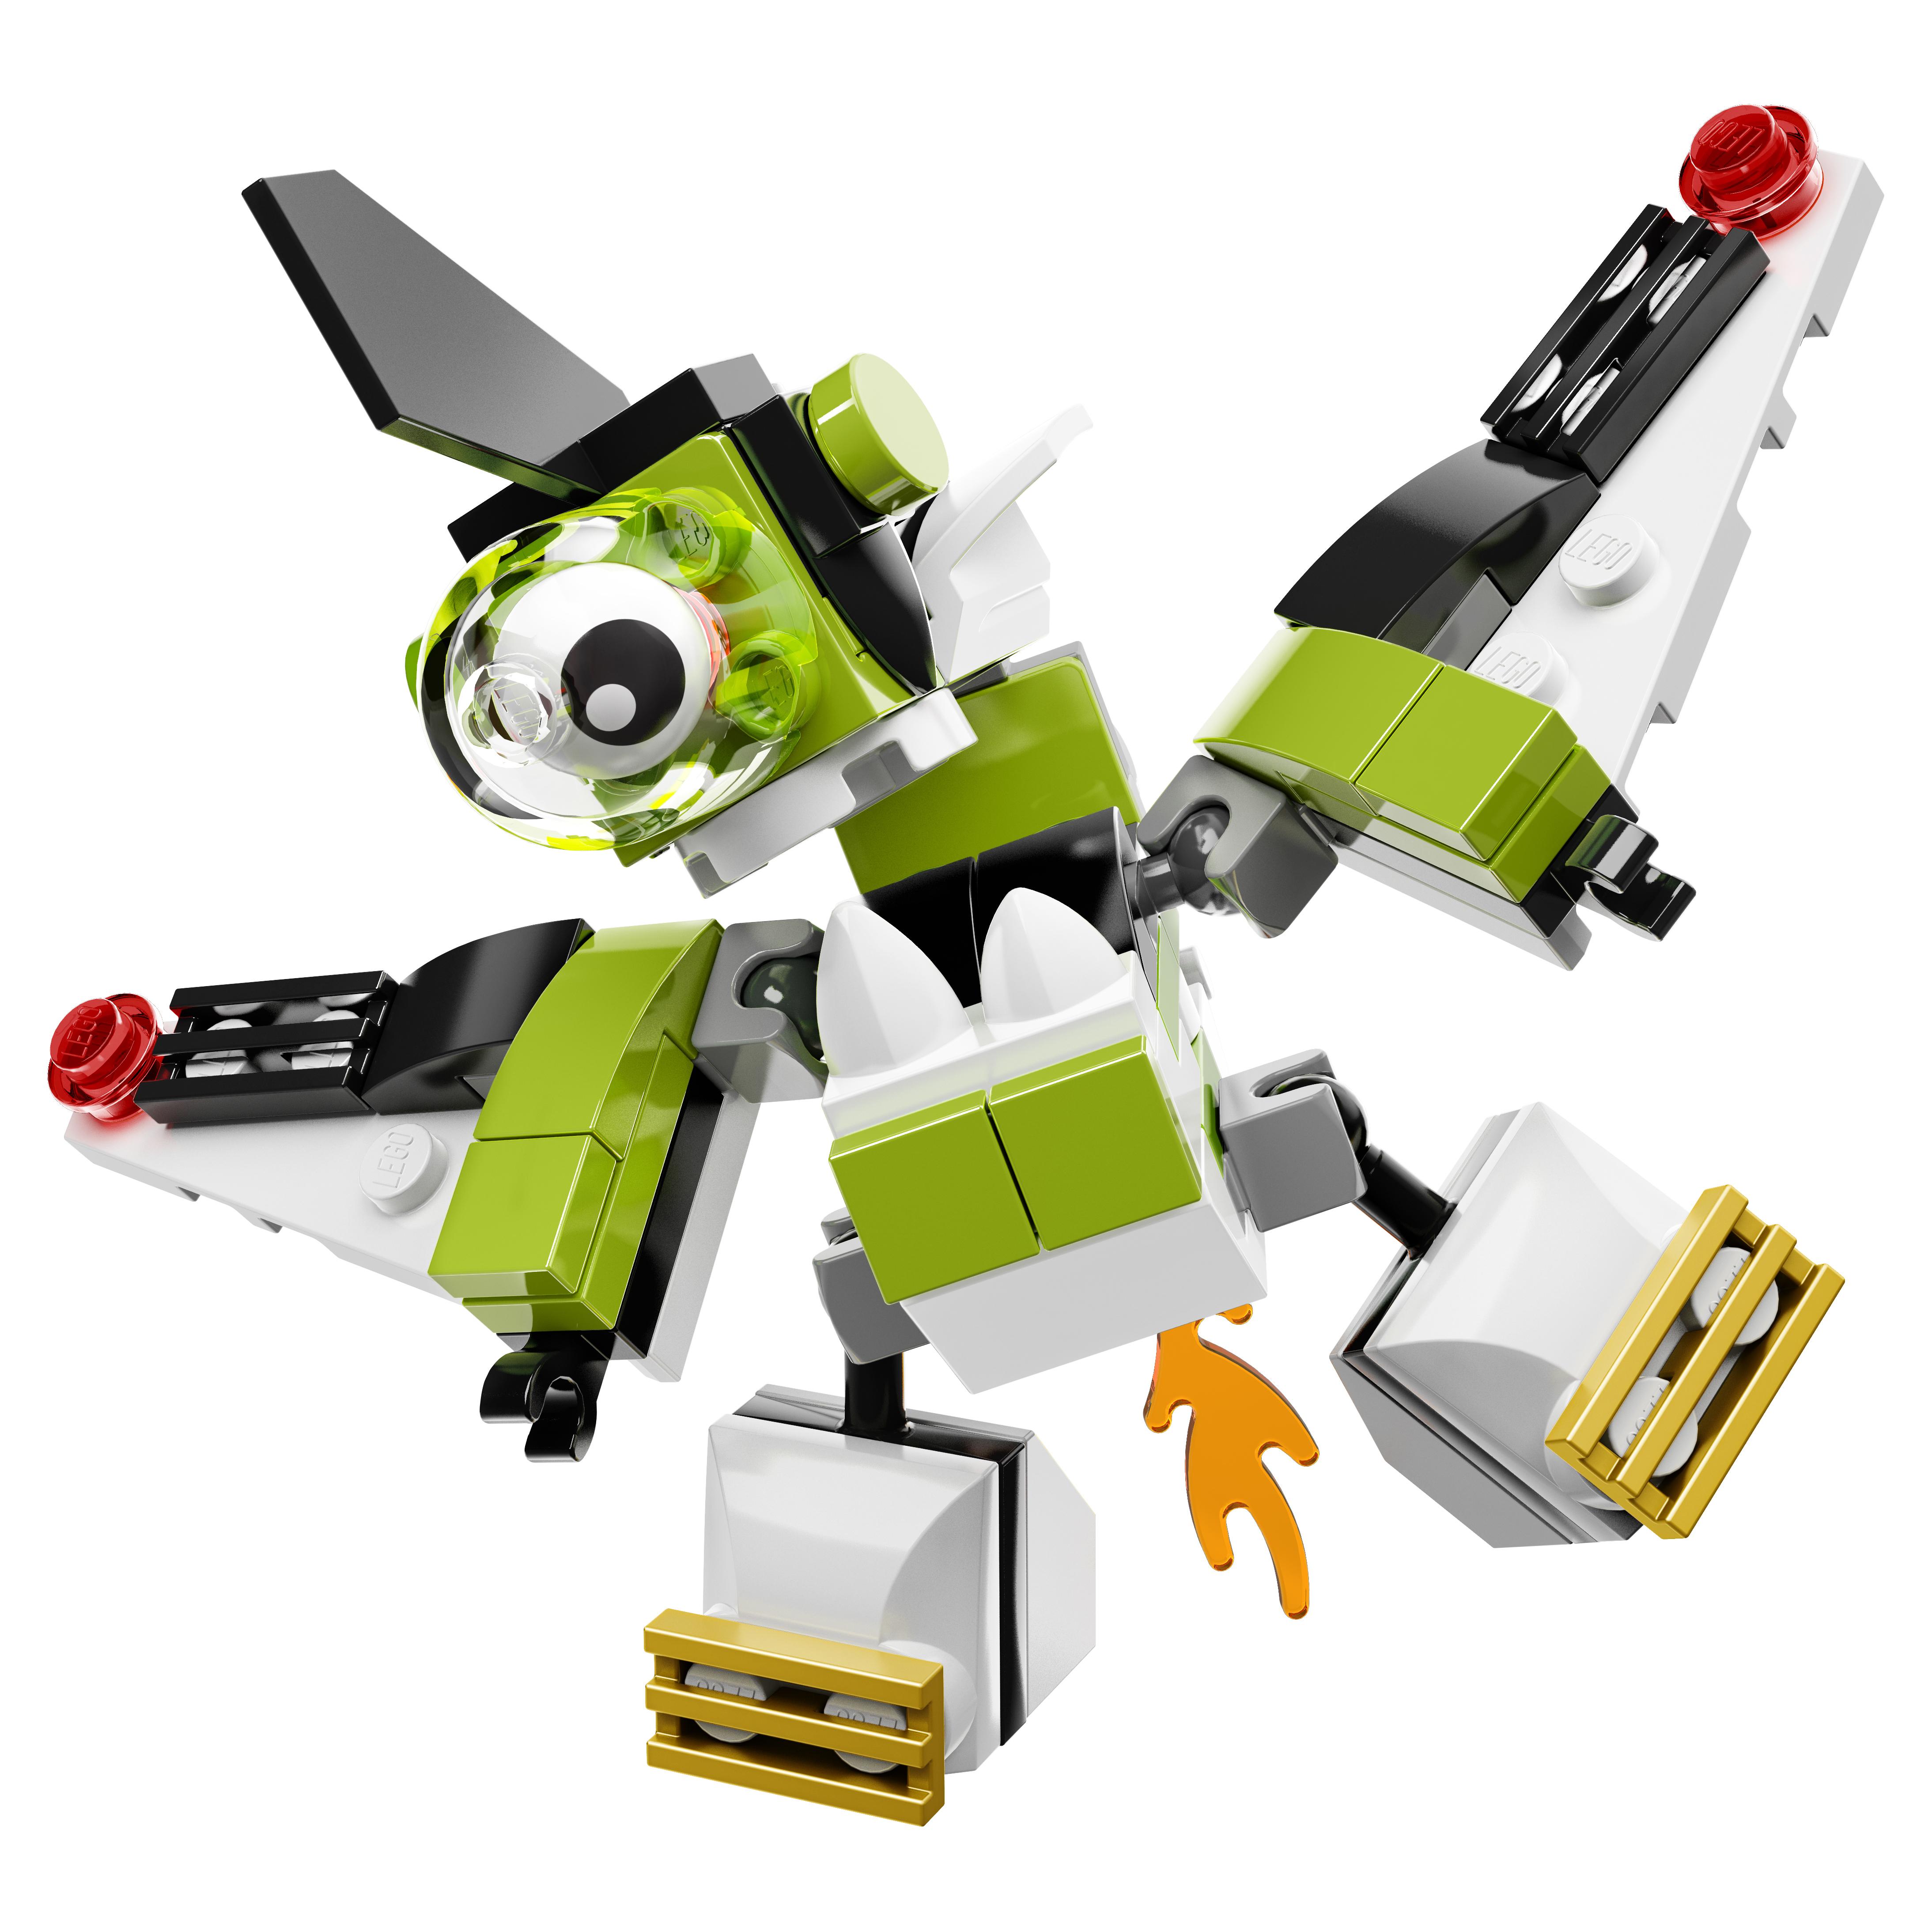 Конструктор LEGO Mixels Никспут (41528)